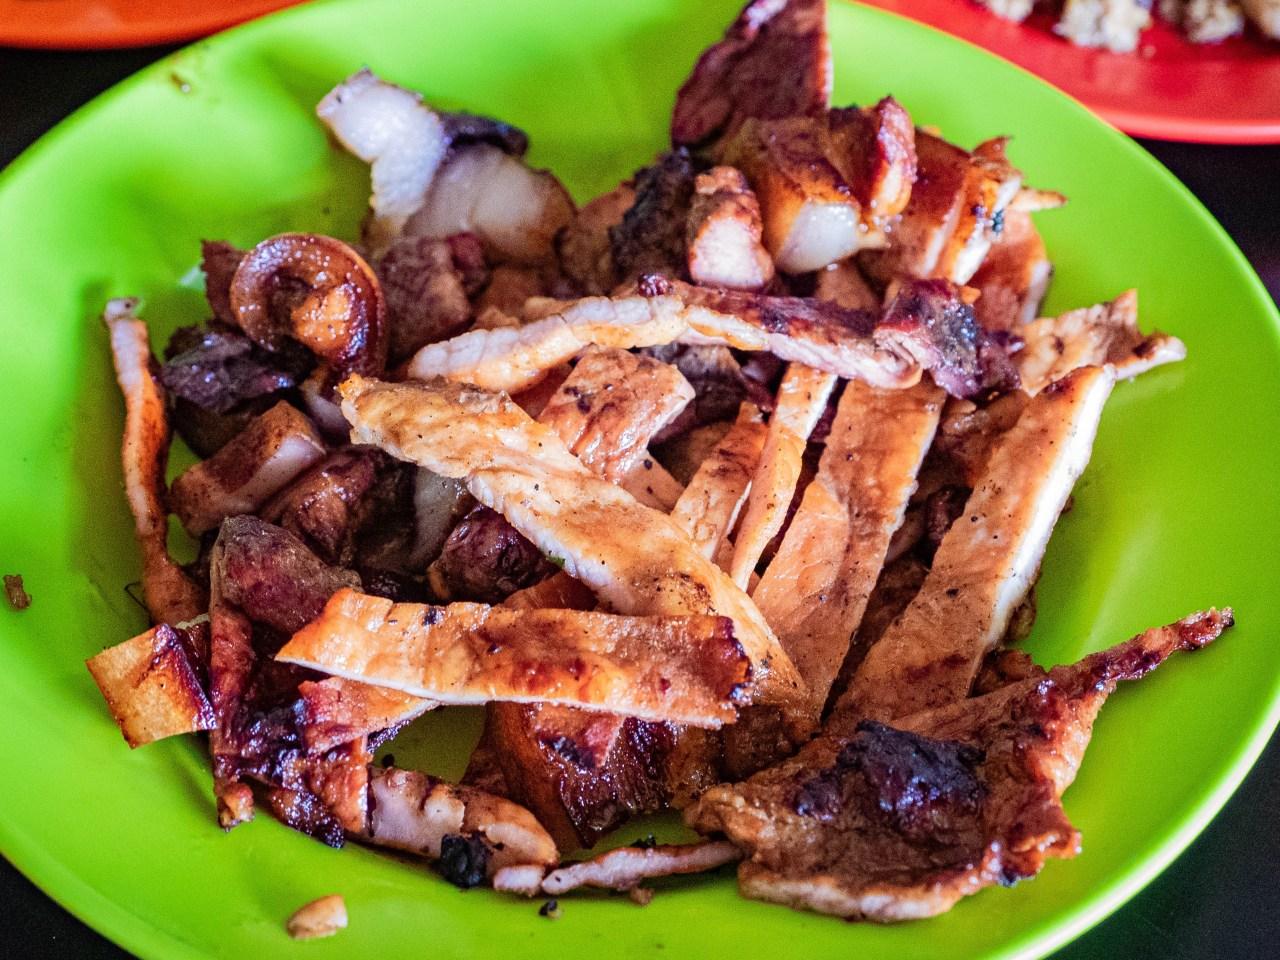 gambar babi panggang karo